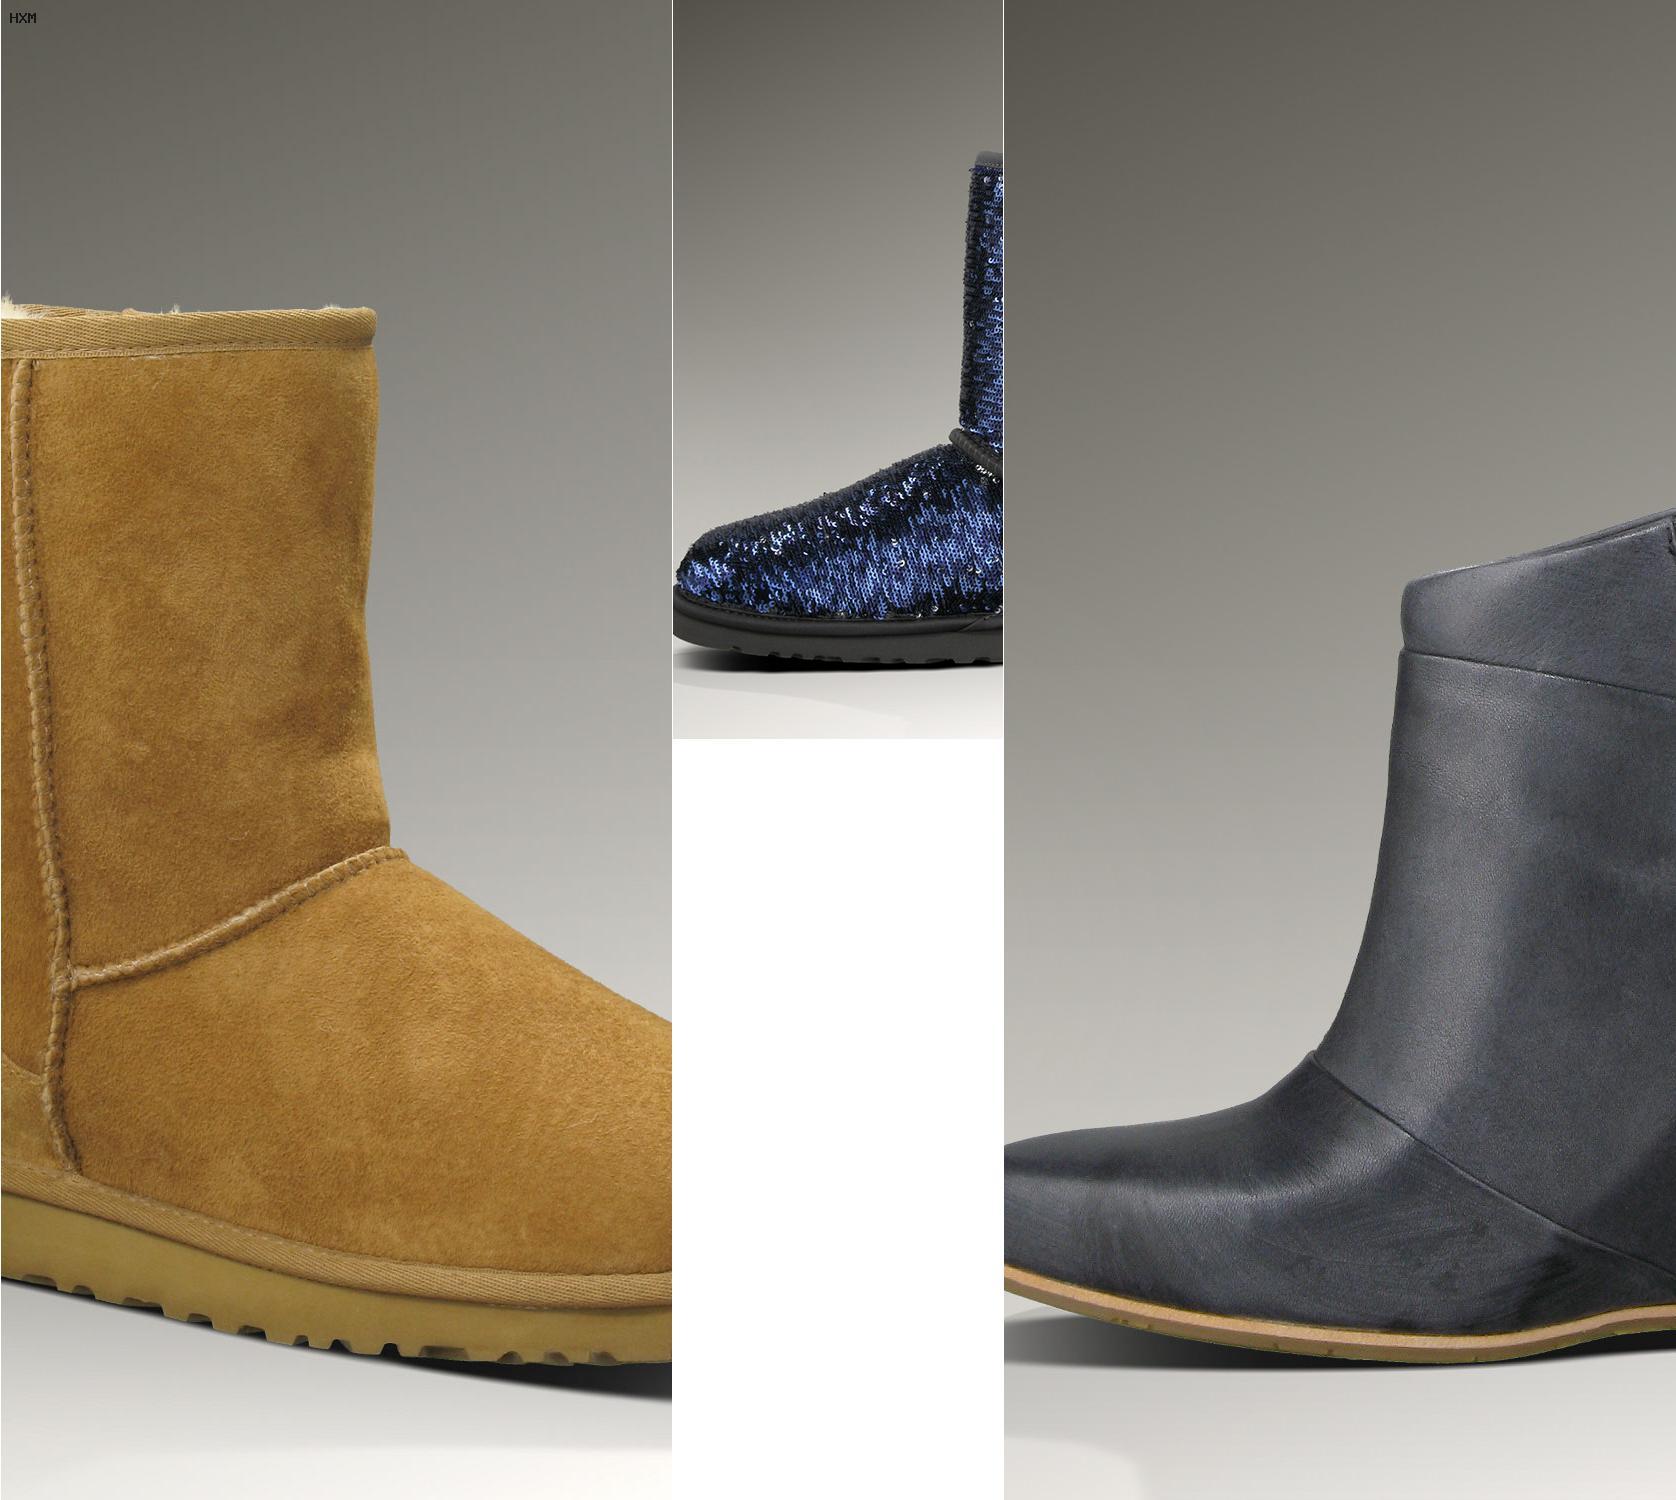 como se llaman las botas tipo ugg